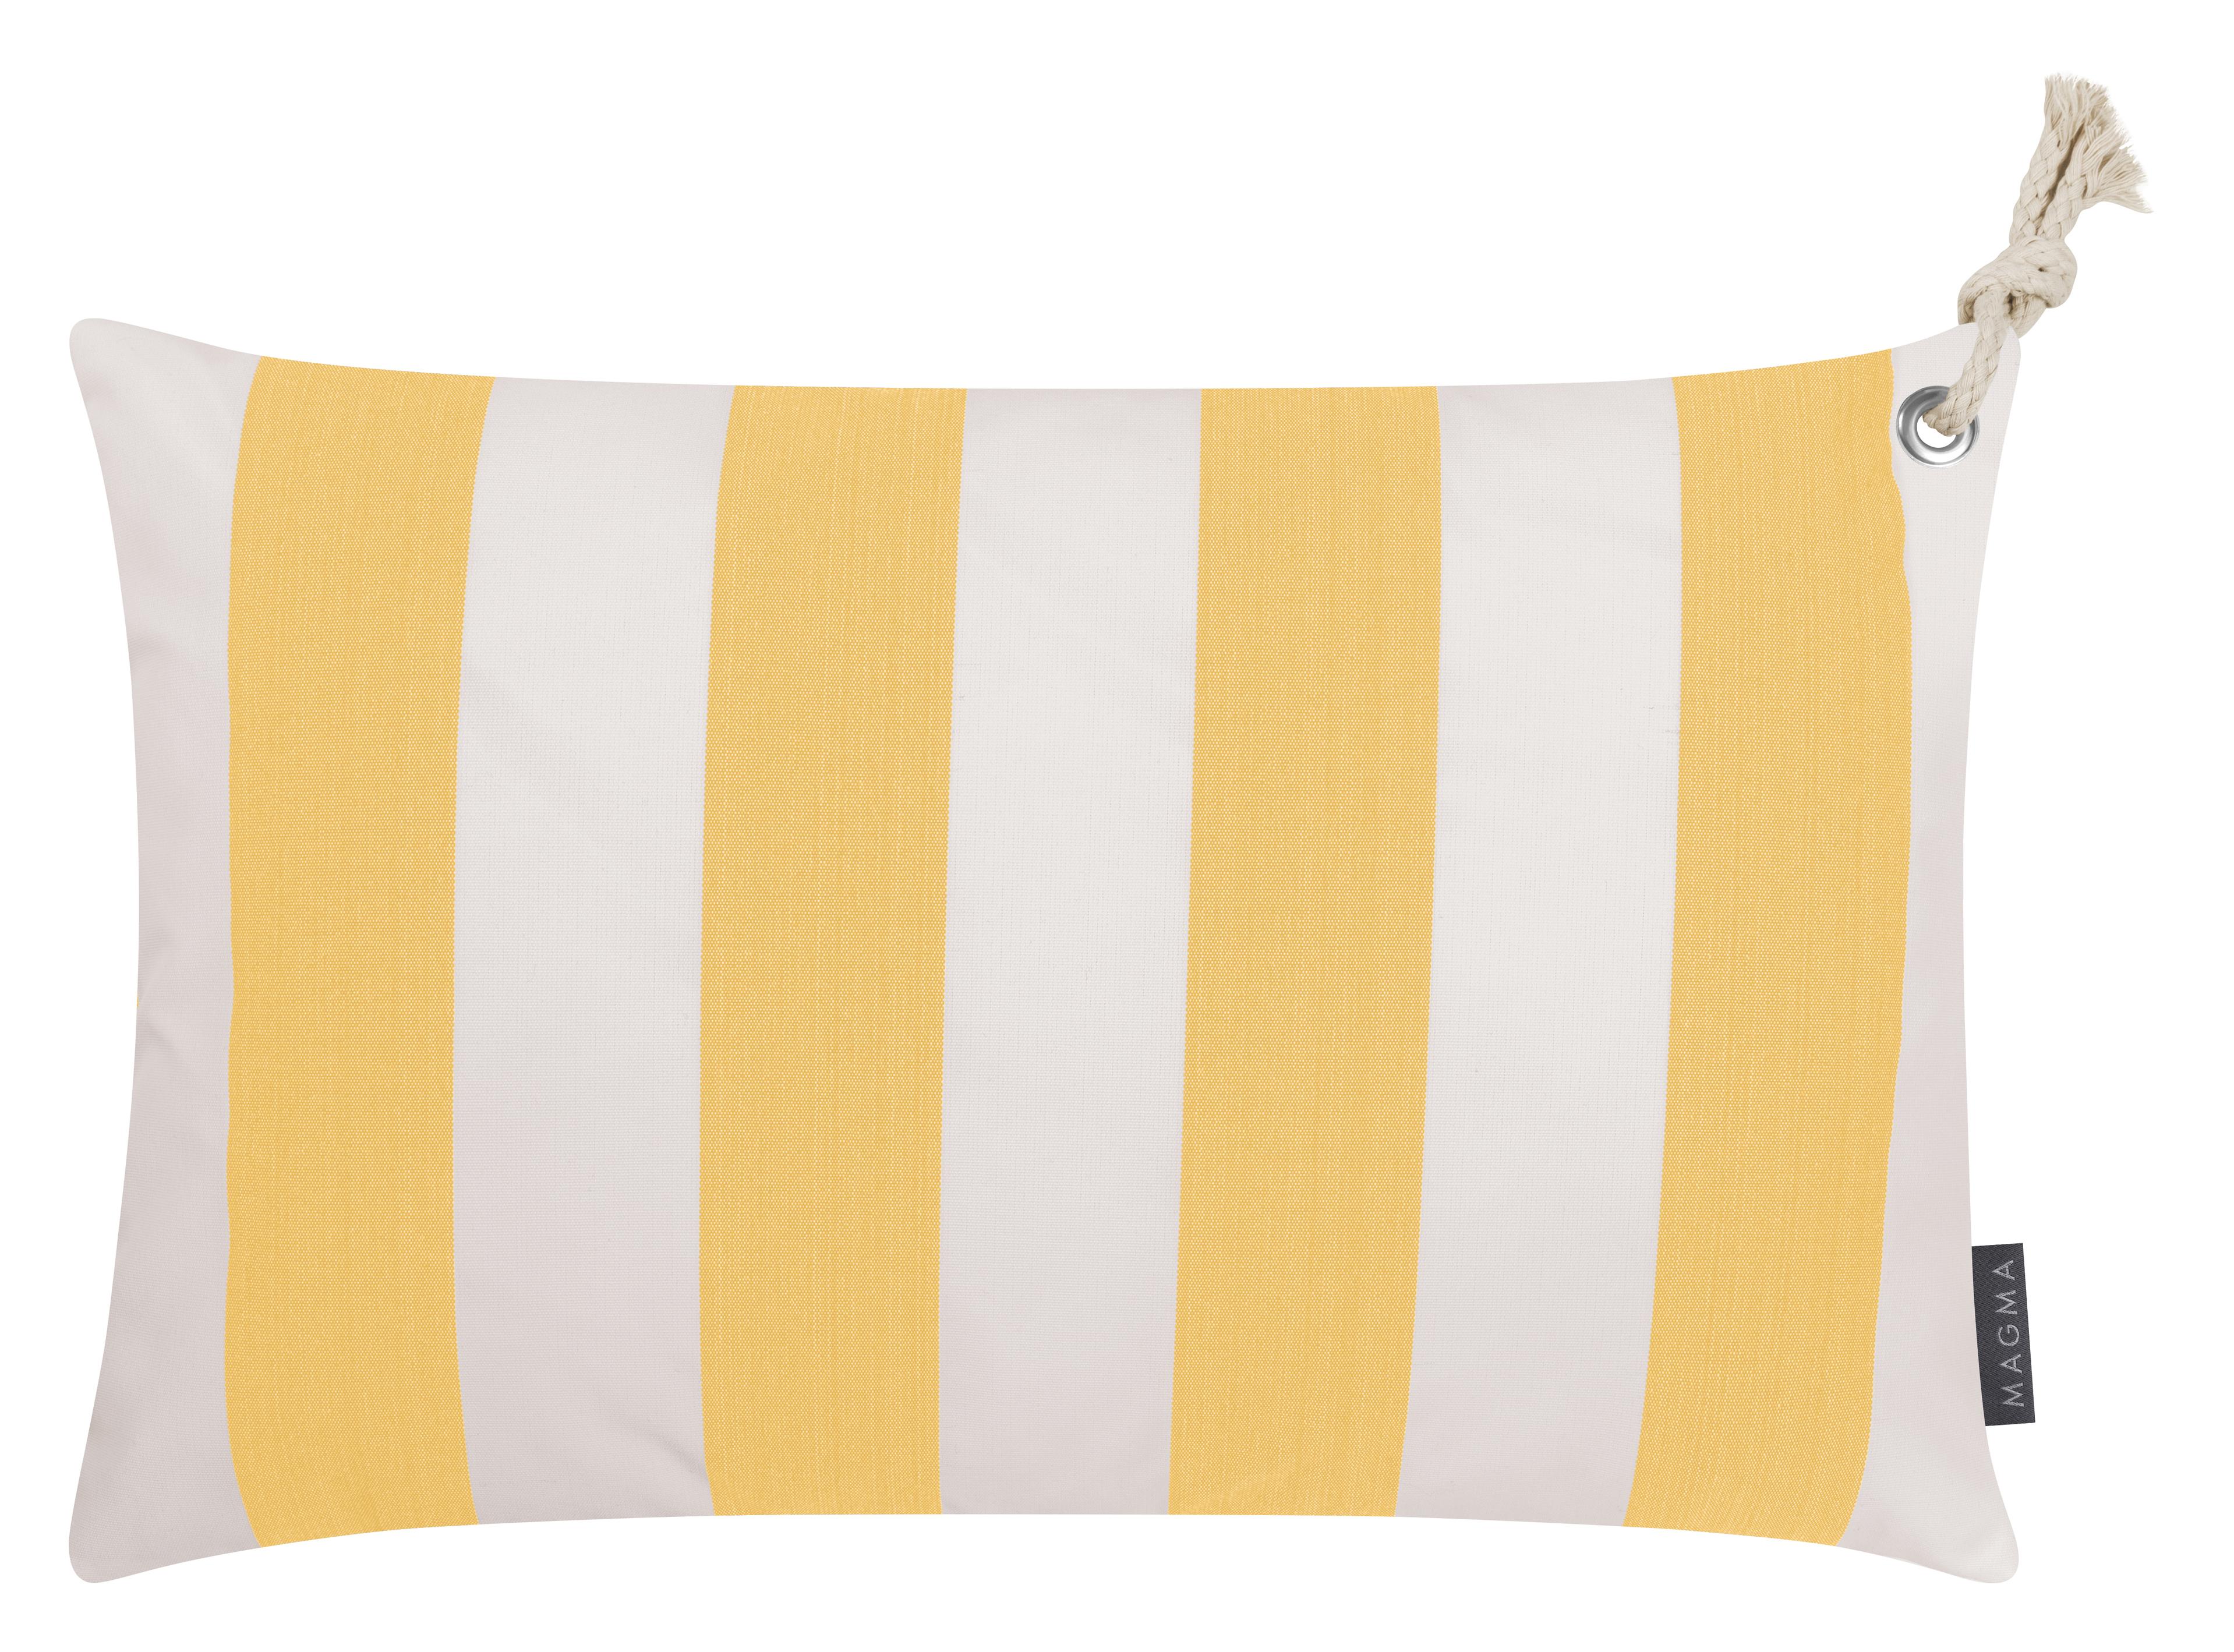 Housses de coussin rayées jaune/blanc avec corde - Lot de 2- 60x40